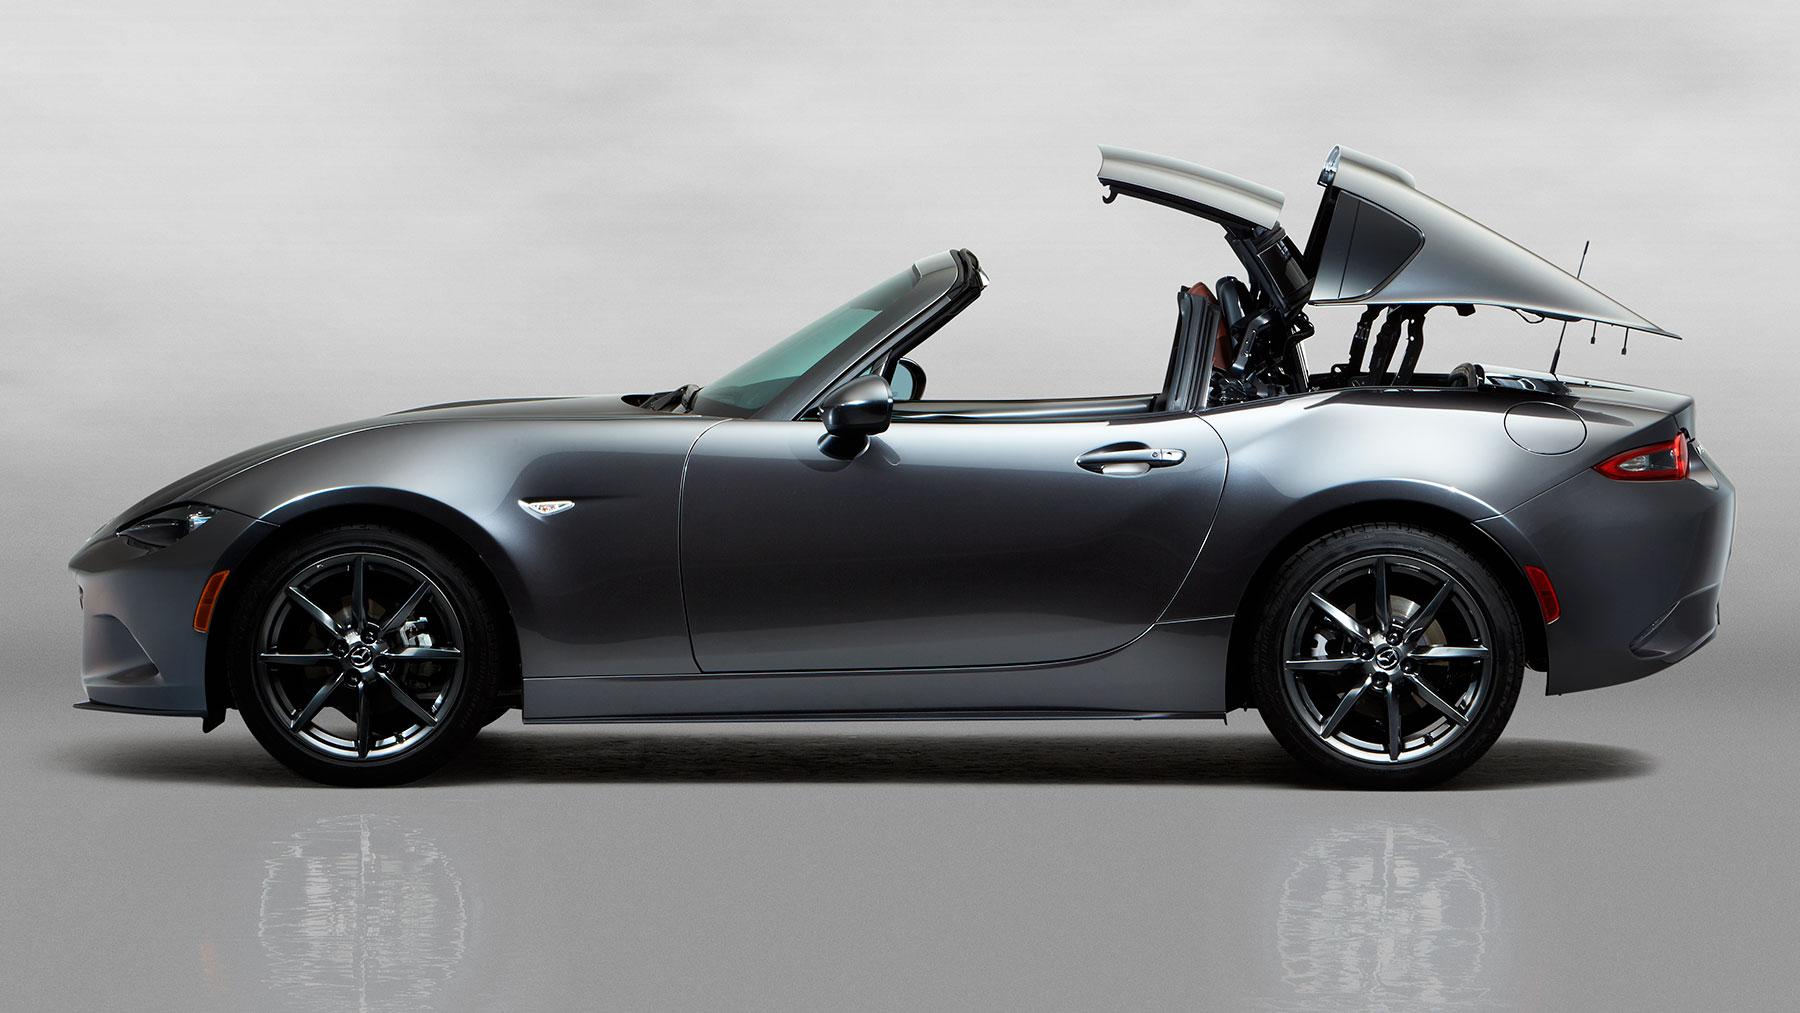 New Mazda MX-5 Miata Interior image 2